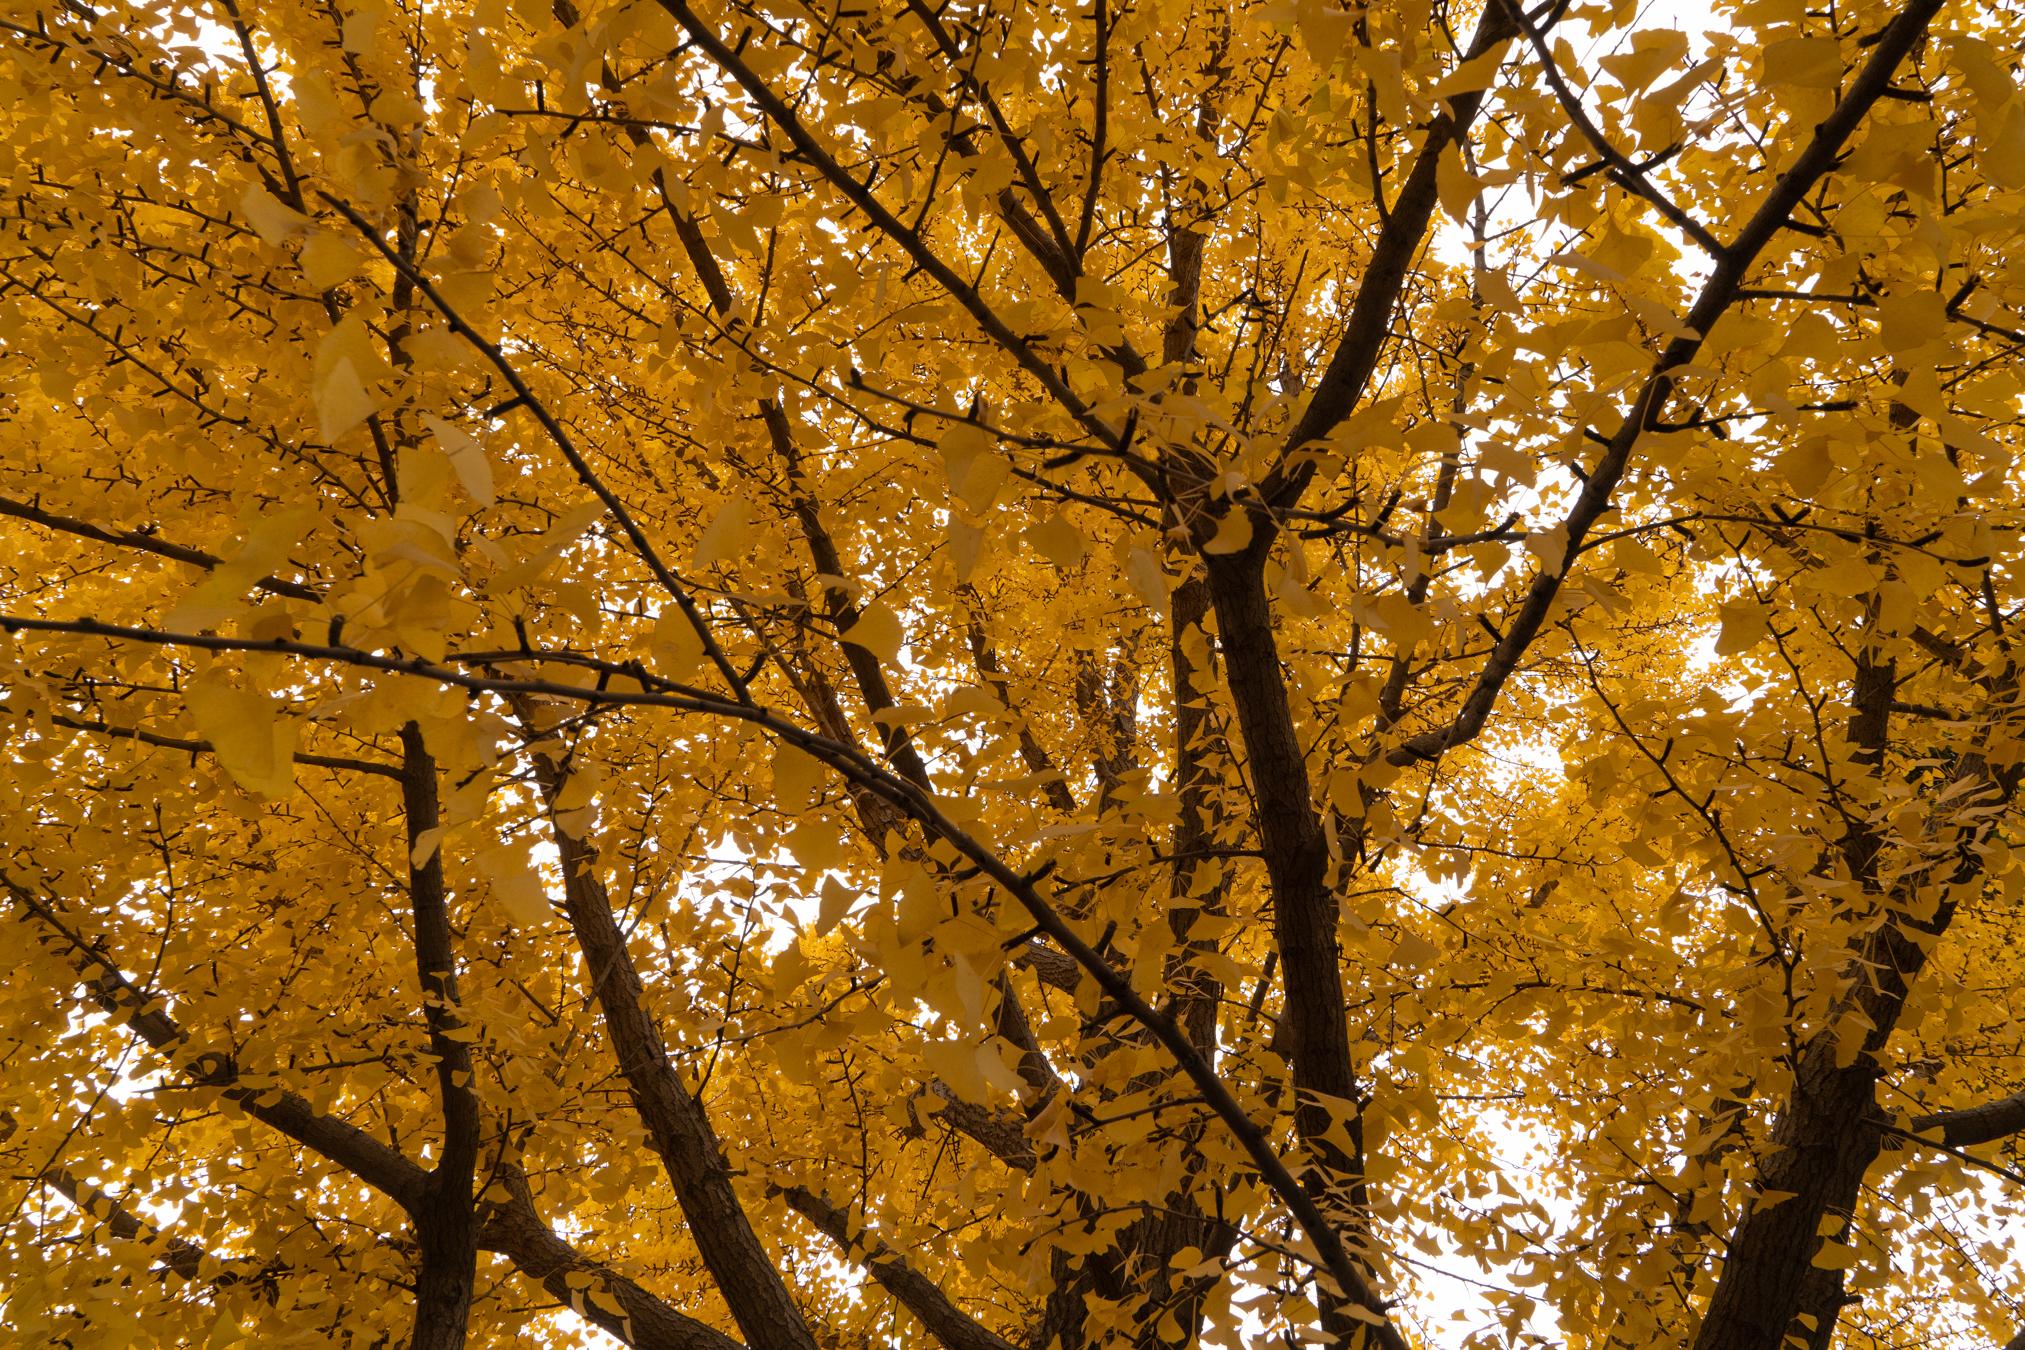 Medium_Autumn_leaves_Forbidden_City.jpg